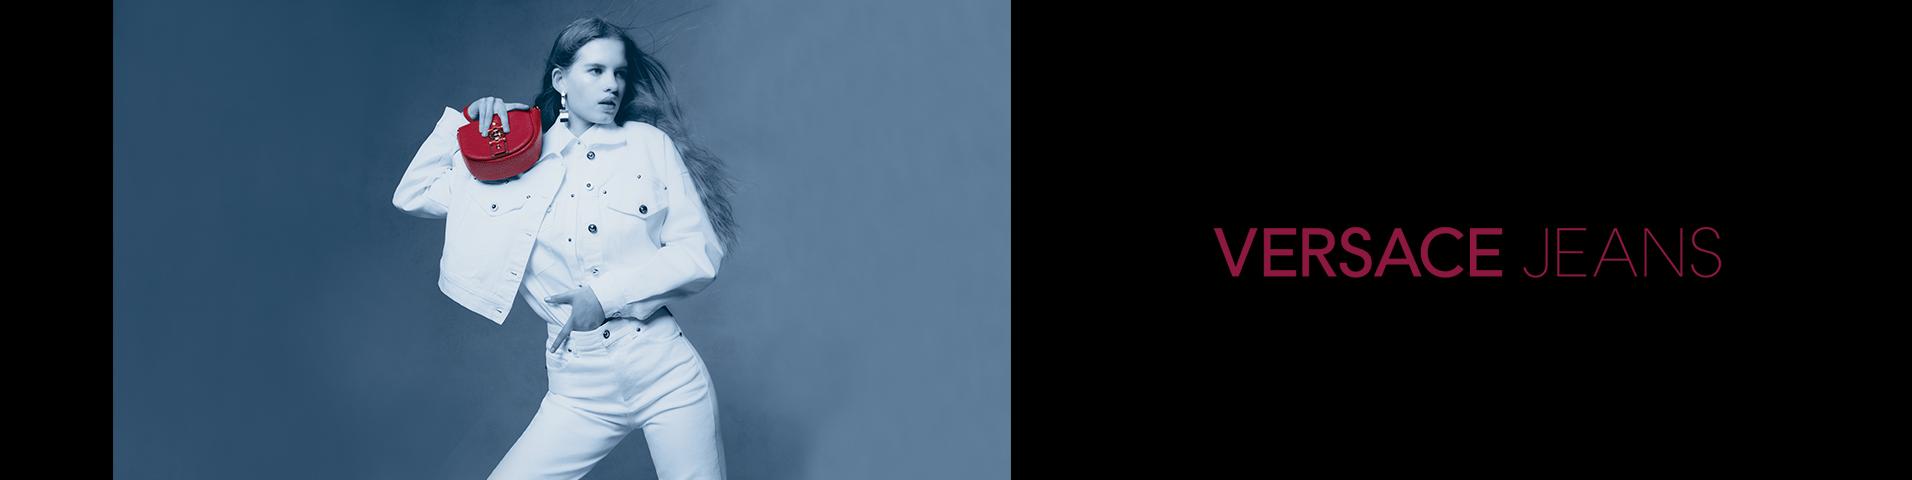 1e6d1a3cef3b6 Ceintures Femme Versace Jeans   Tous les articles chez Zalando